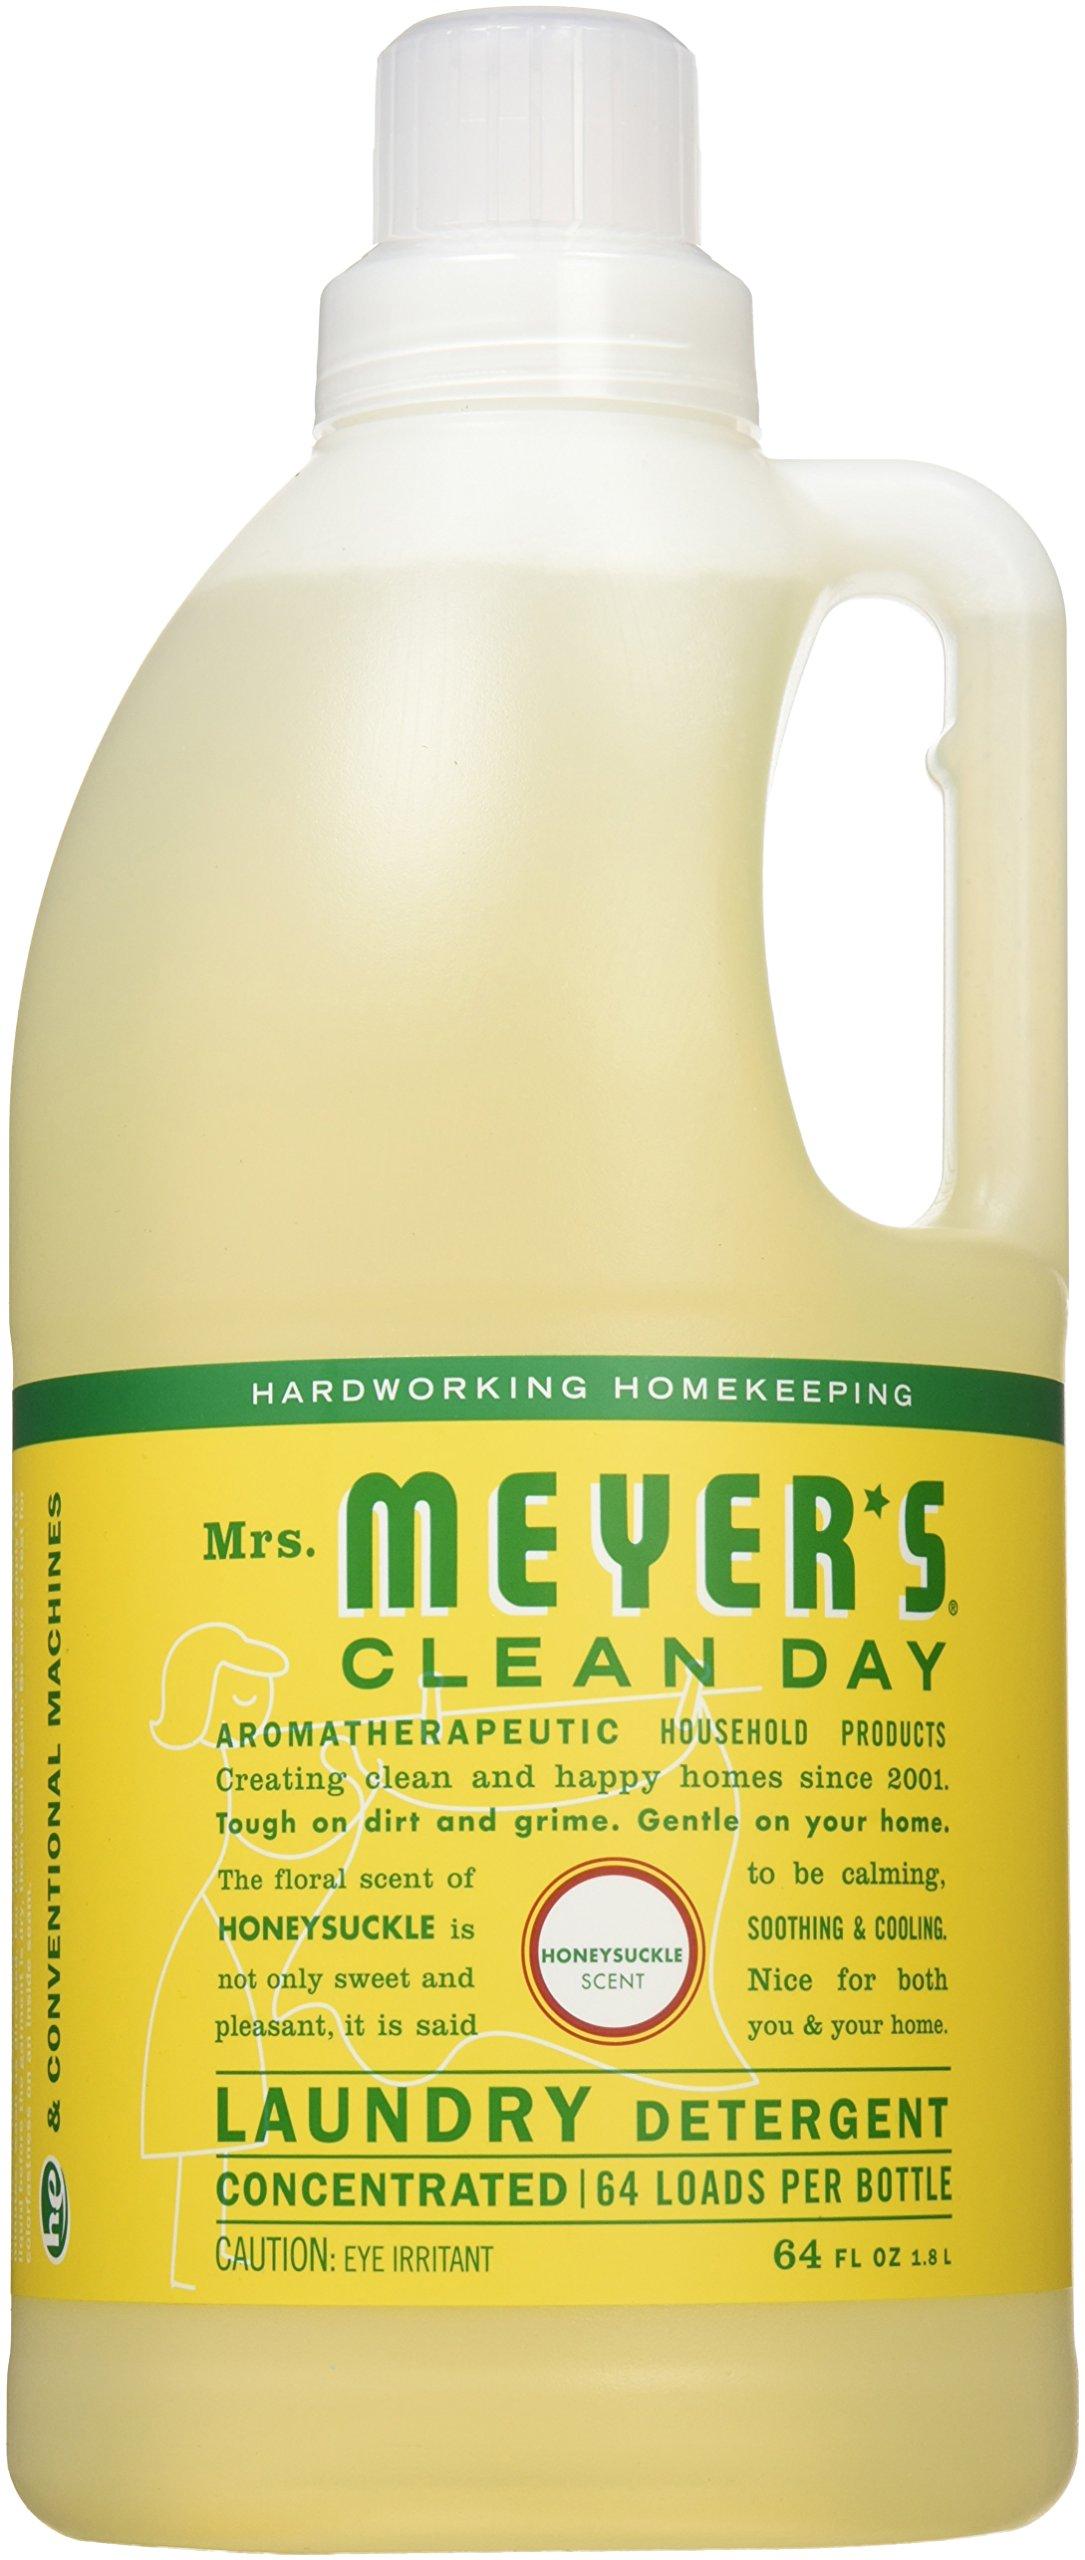 Mrs. Meyer's Clean Day Laundry Detergent, Honeysuckle, 64 fl oz